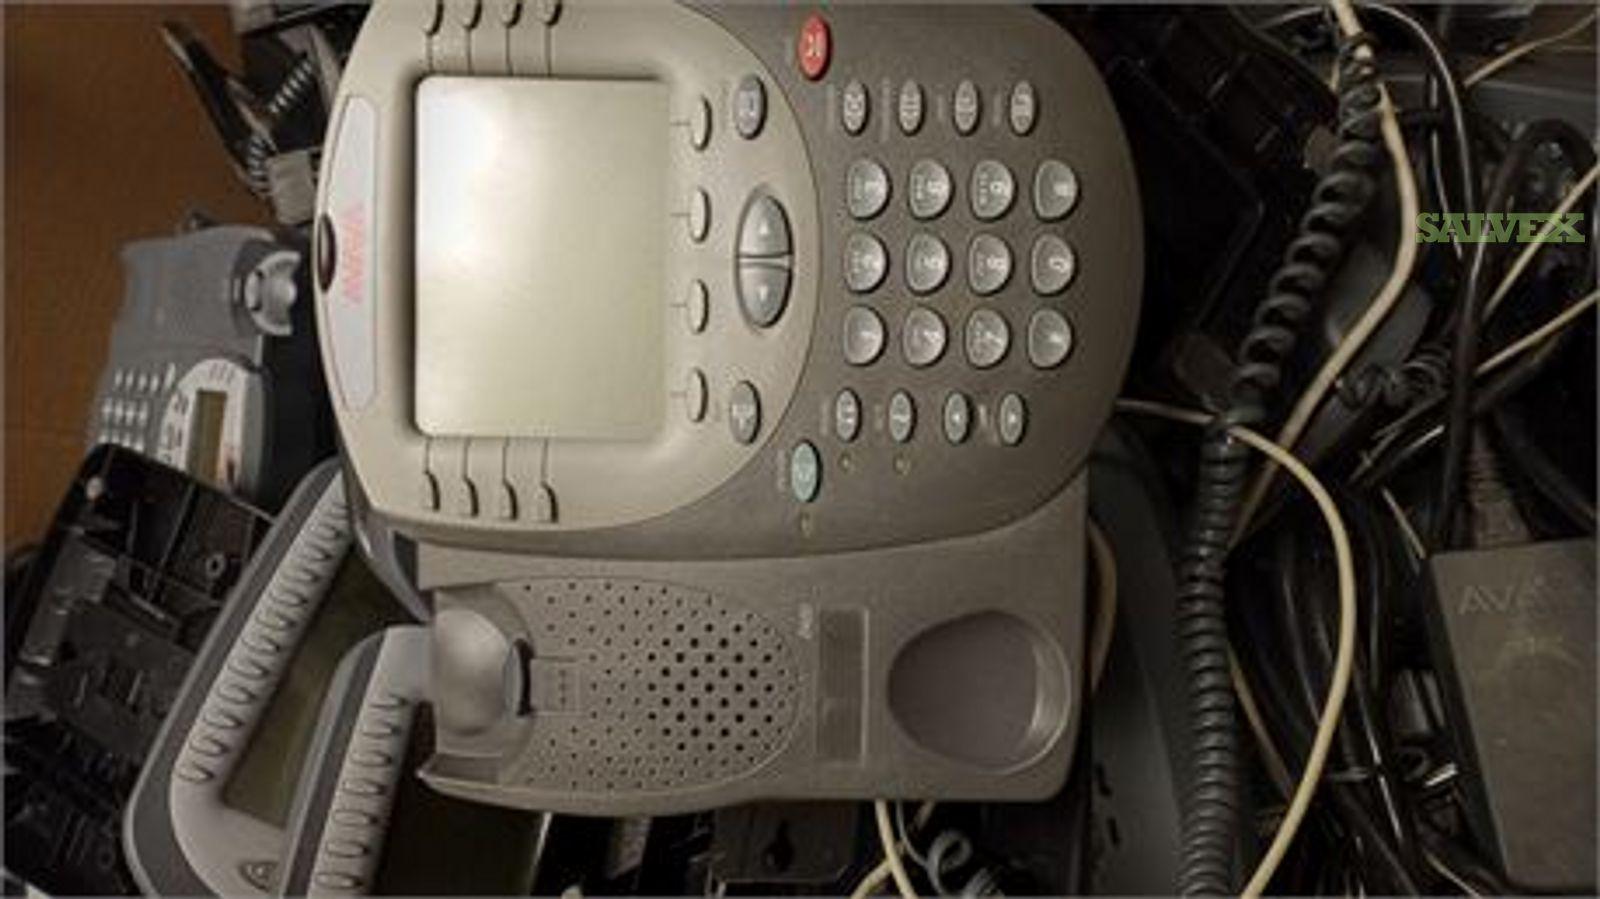 Mixed lot of Avaya Digital Phone Equipment (1 Lot)